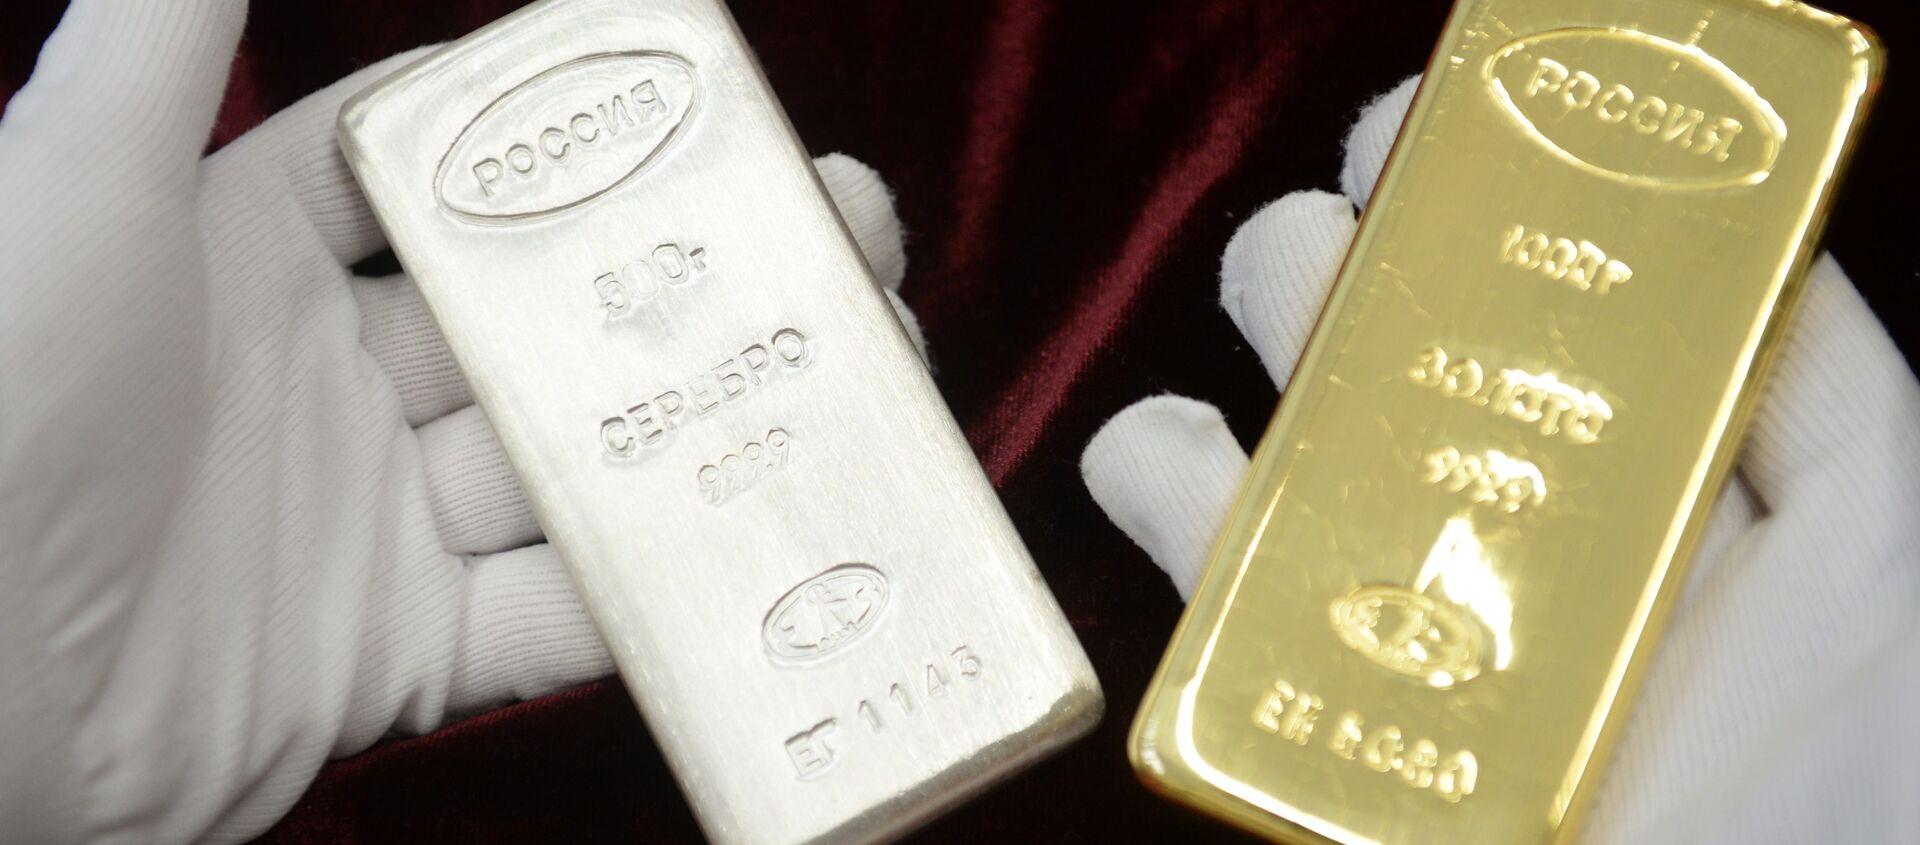 Pracownik trzyma sztabkę srebra i złota, które zostały wyprodukowane podczas otwarcia nowej linii produkcji sztabek w fabryce w Jekaterynburgu - Sputnik Polska, 1920, 04.11.2020